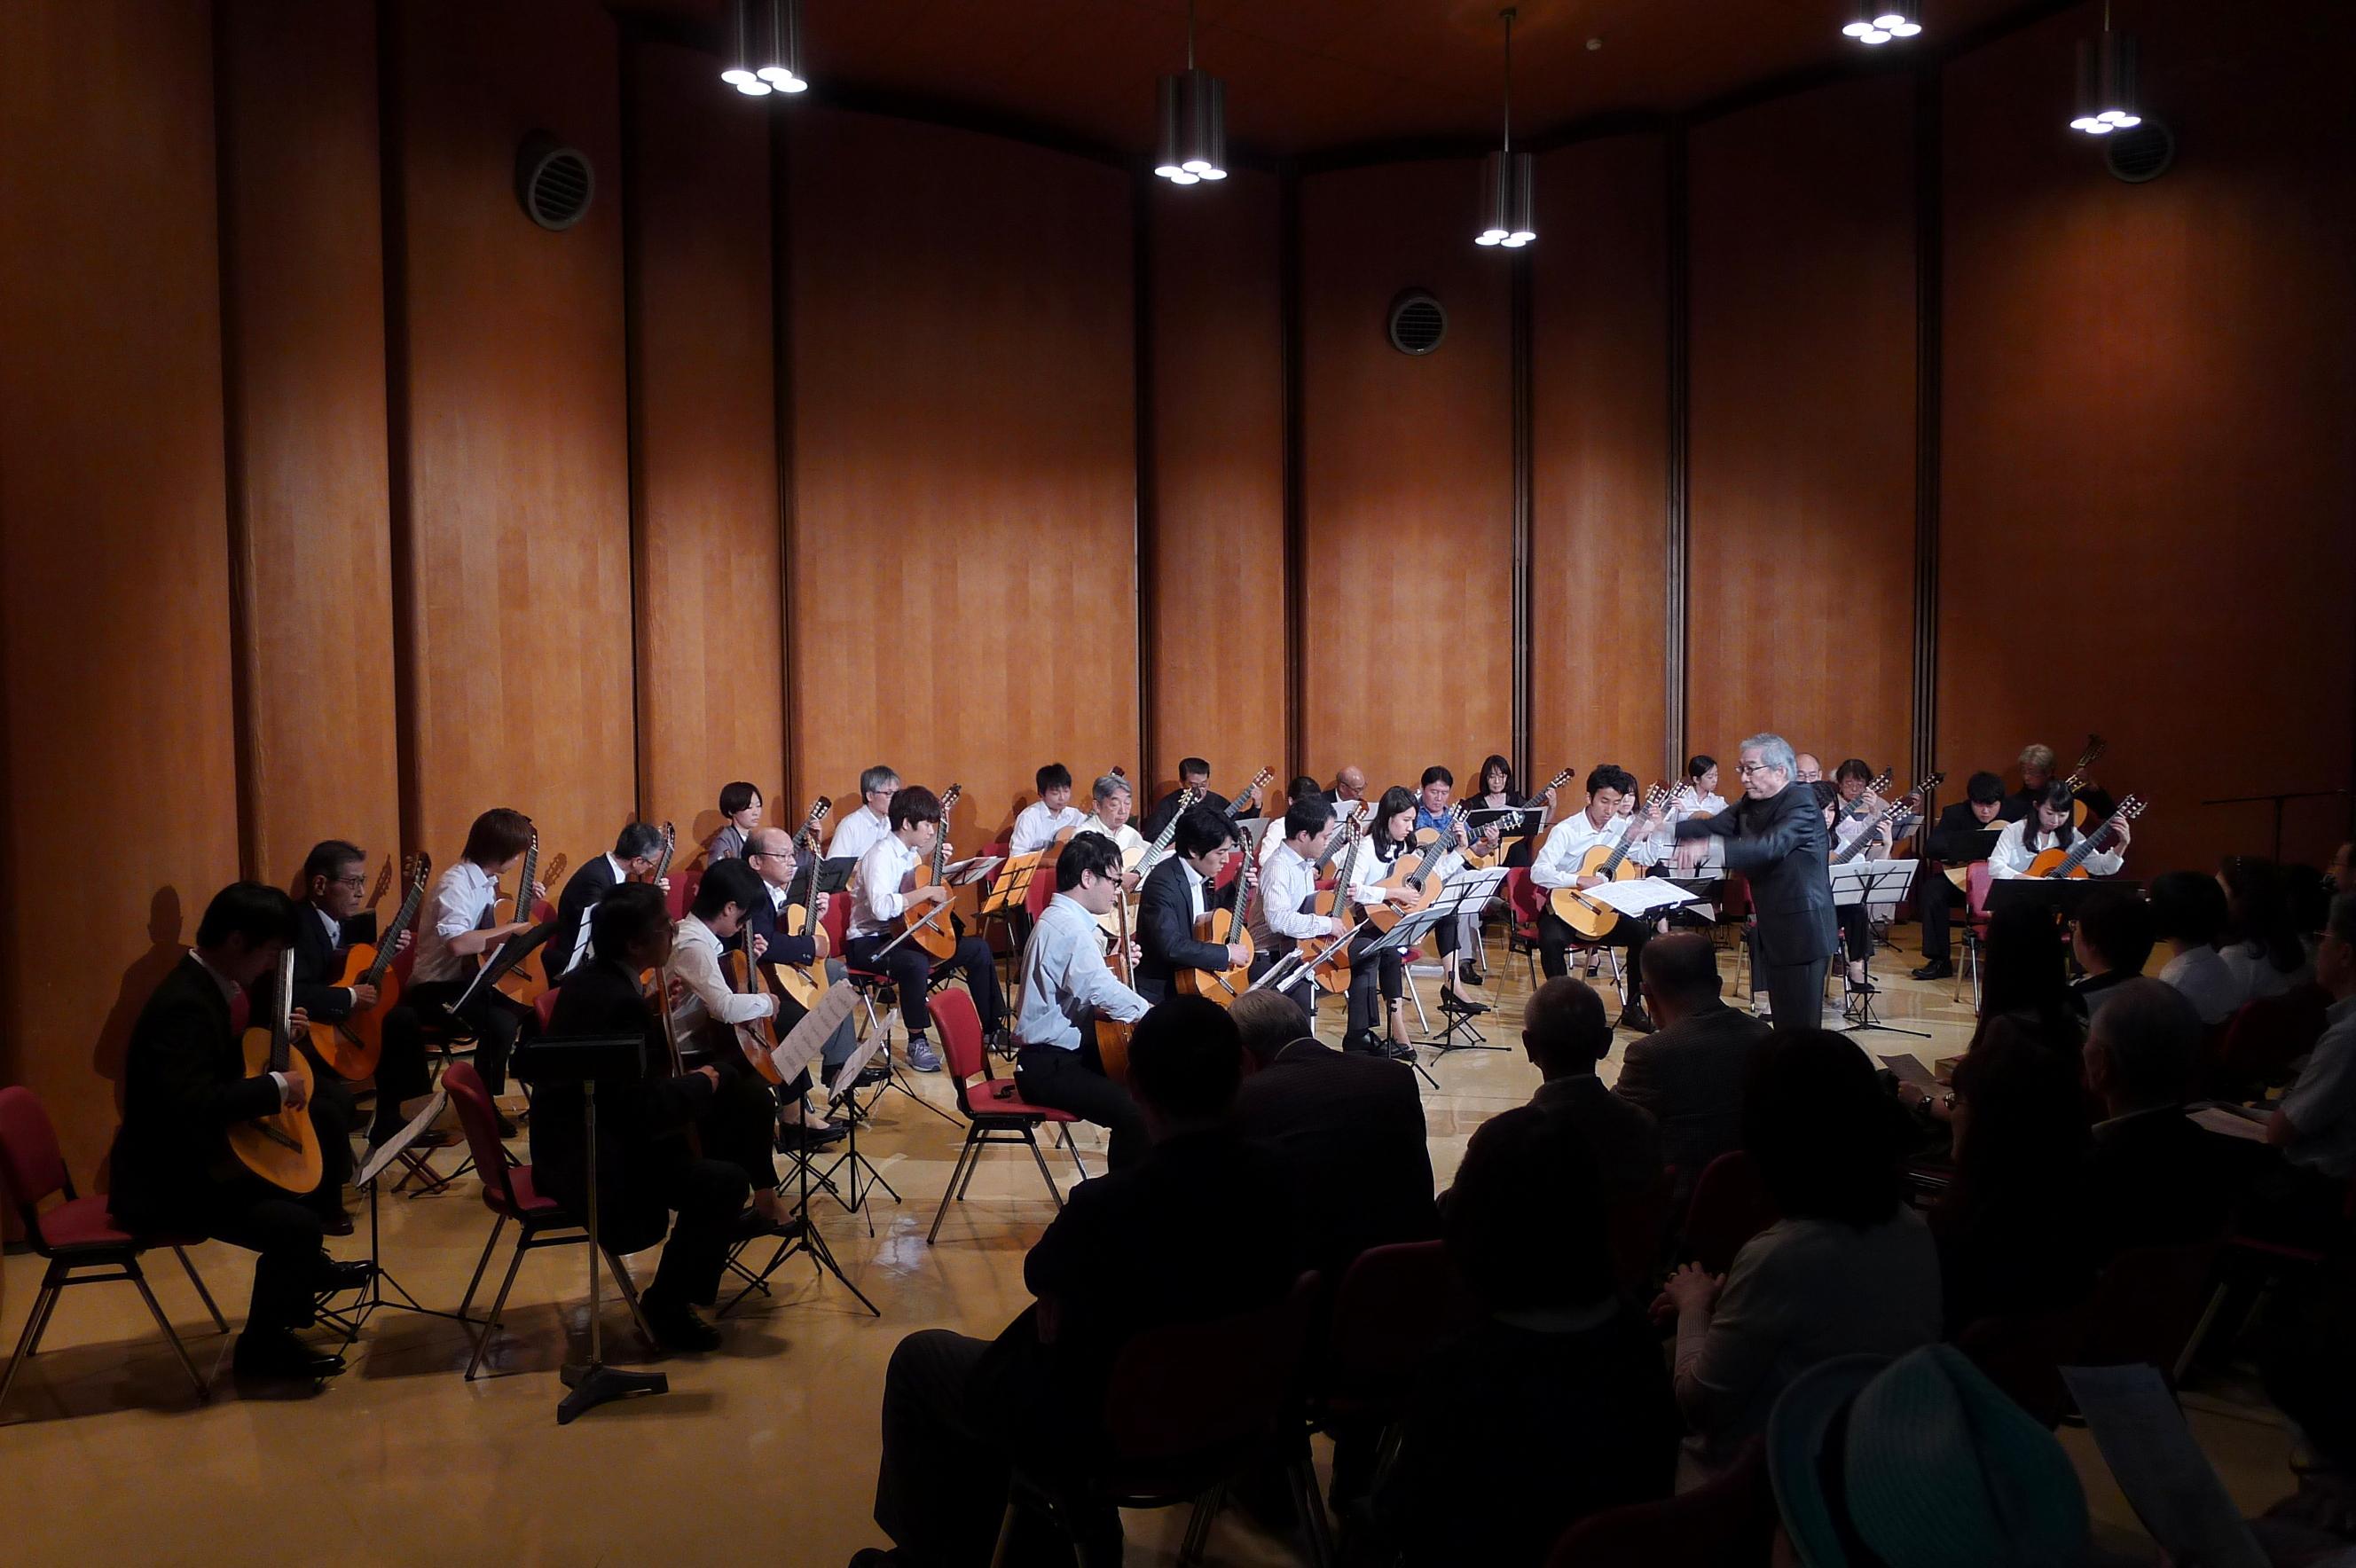 クラシックギタークラブOB会第5回演奏会